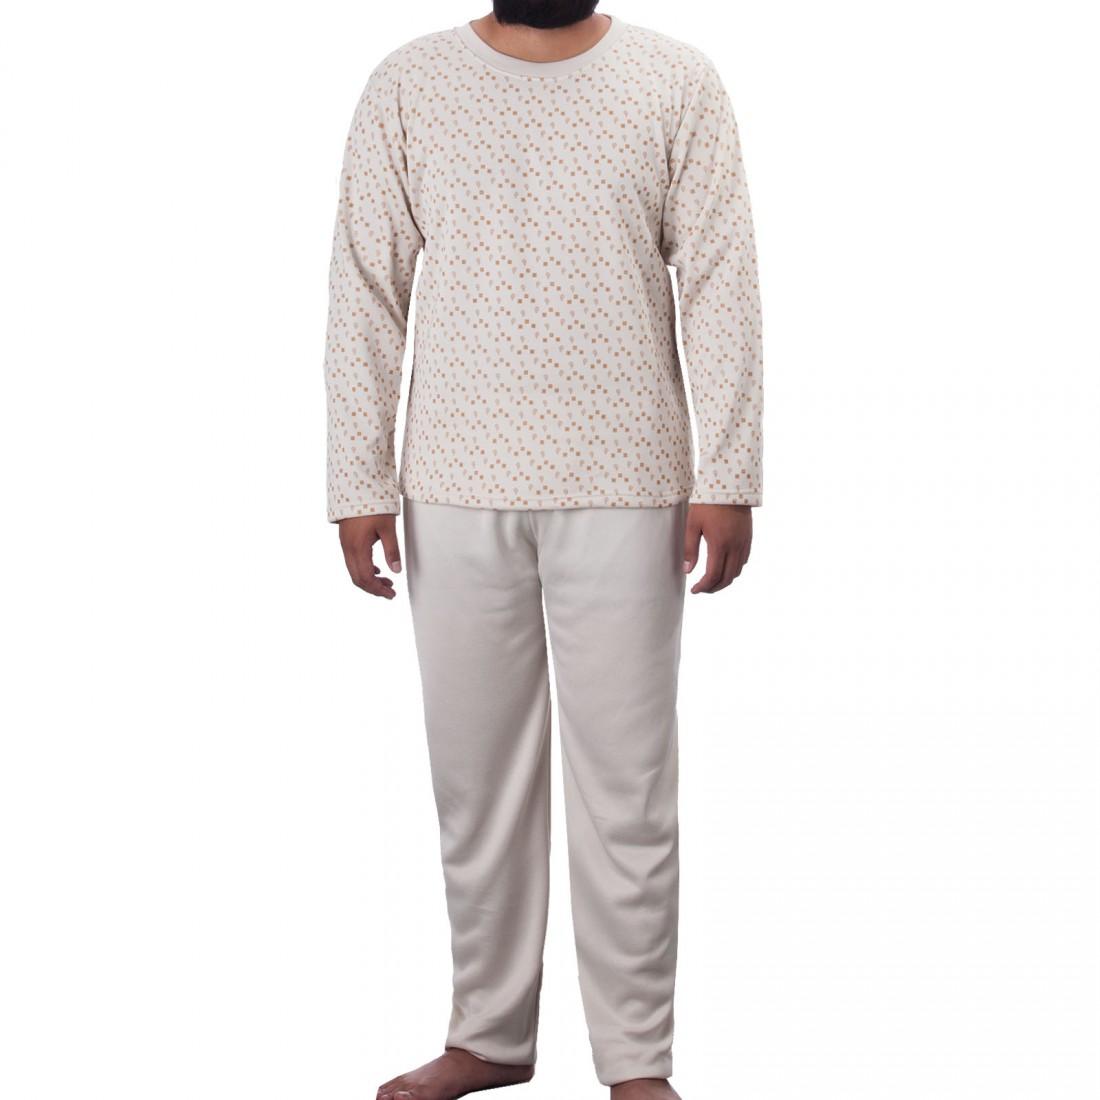 0d609989824052 Lucky - Herren Thermo Pyjama Schlafanzug im Set Rundhals angerauht ...